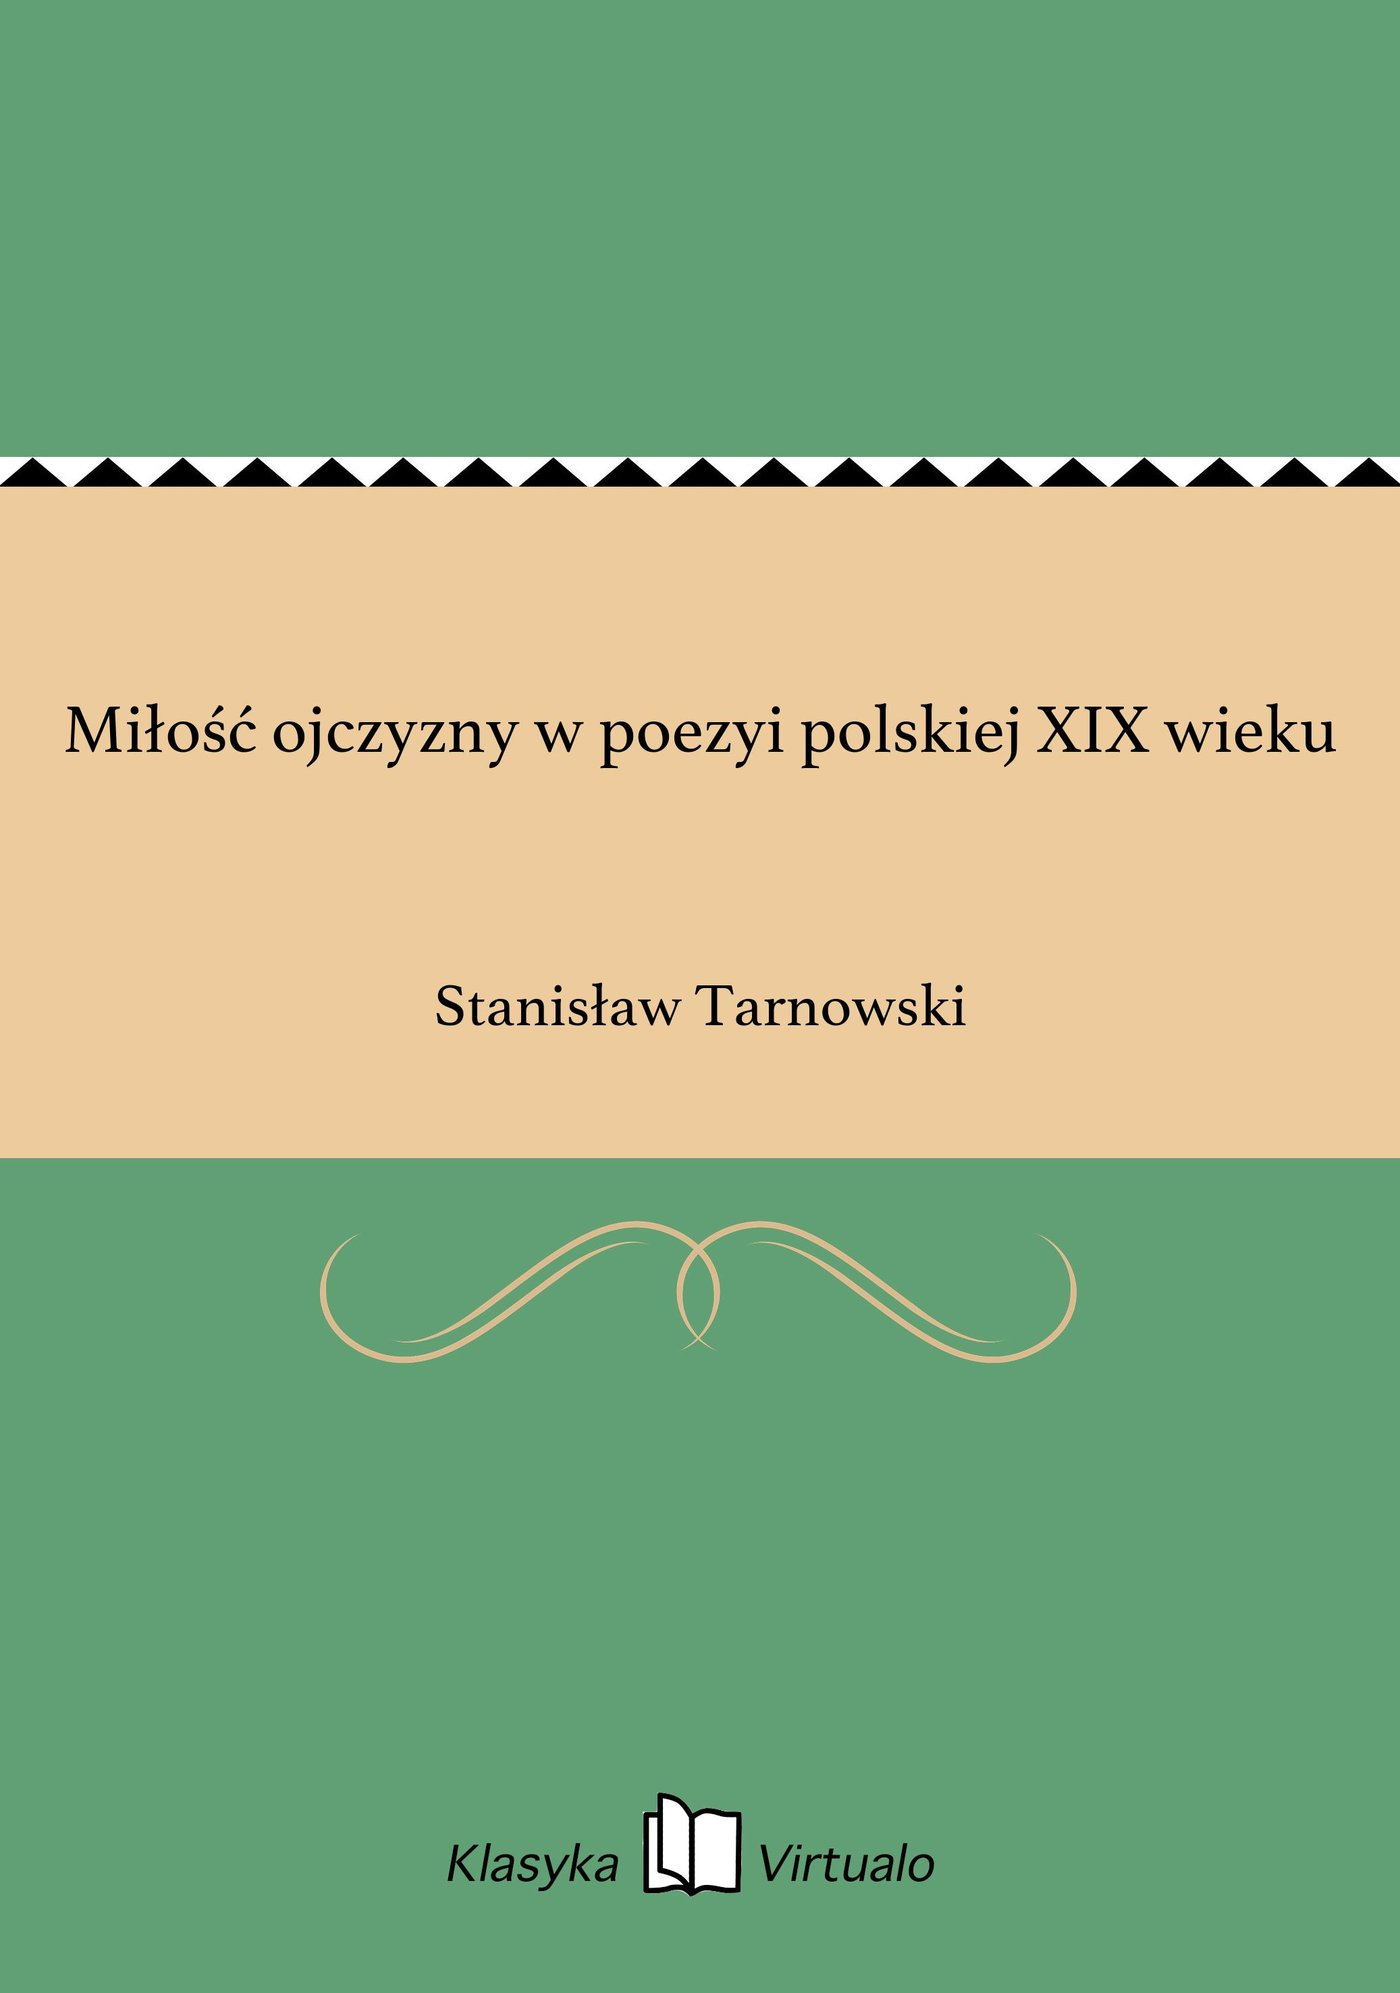 Miłość ojczyzny w poezyi polskiej XIX wieku - Ebook (Książka EPUB) do pobrania w formacie EPUB